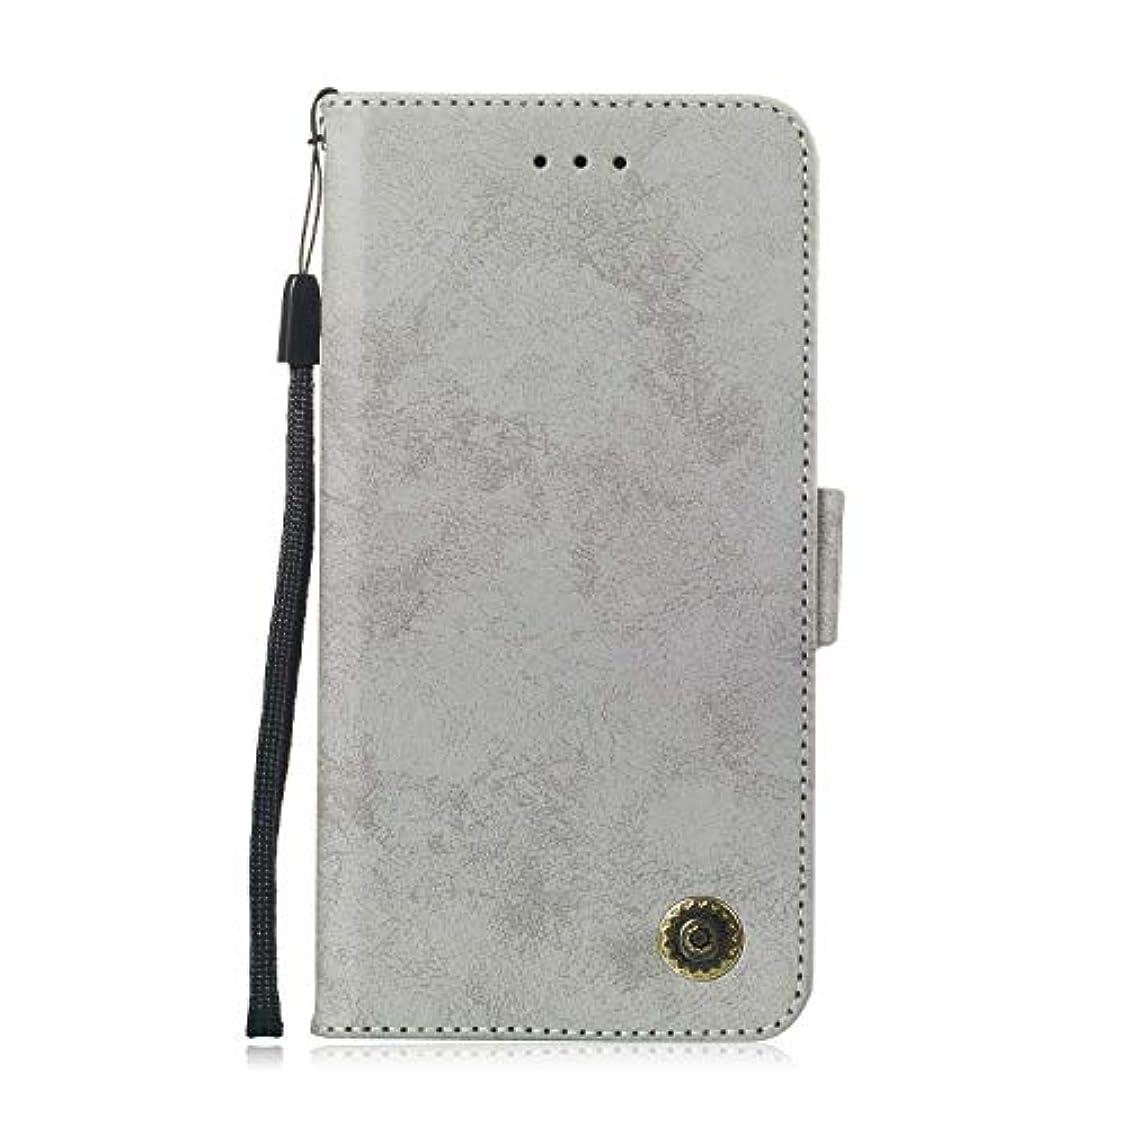 良心覚えているシーズンZeebox® Huawei Mate 20 Lite 手帳型ケース Huawei Mate 20 Lite 手帳型カバー 財布型 合皮PUレザー マグネット式 保護ケース カード収納 スタンド 機能 (グレー #5)